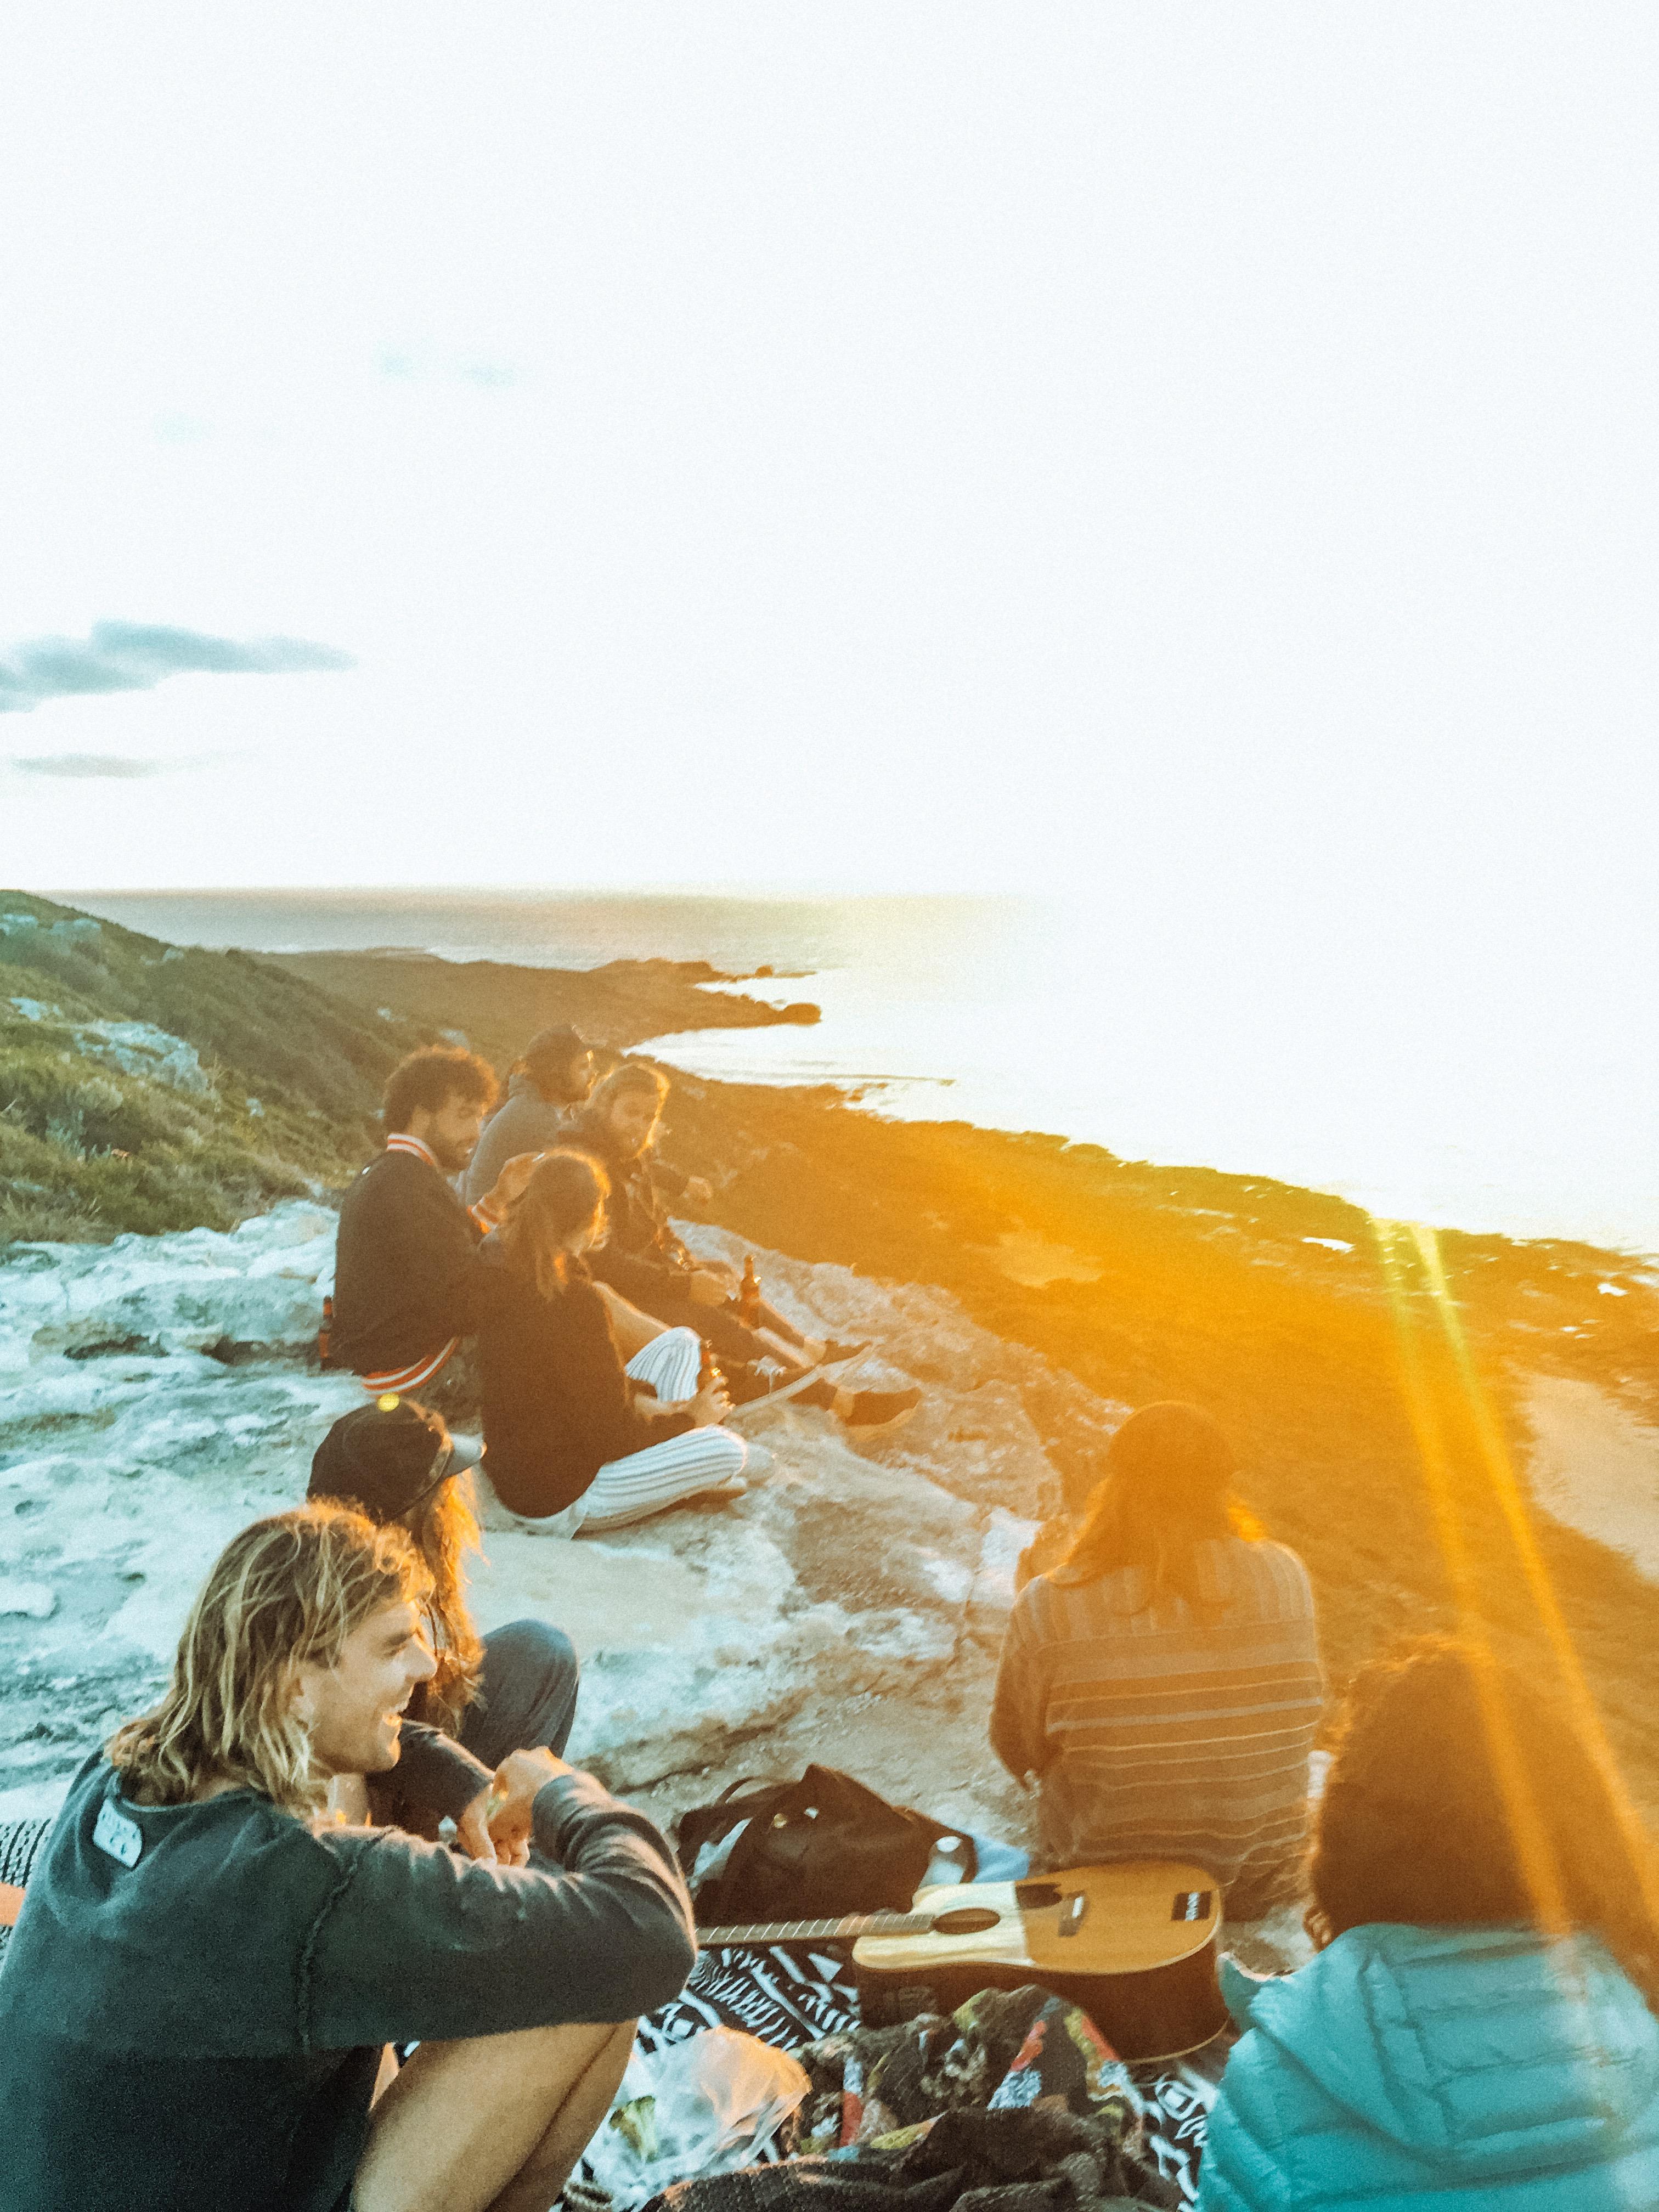 Contos Campground - Margaret River